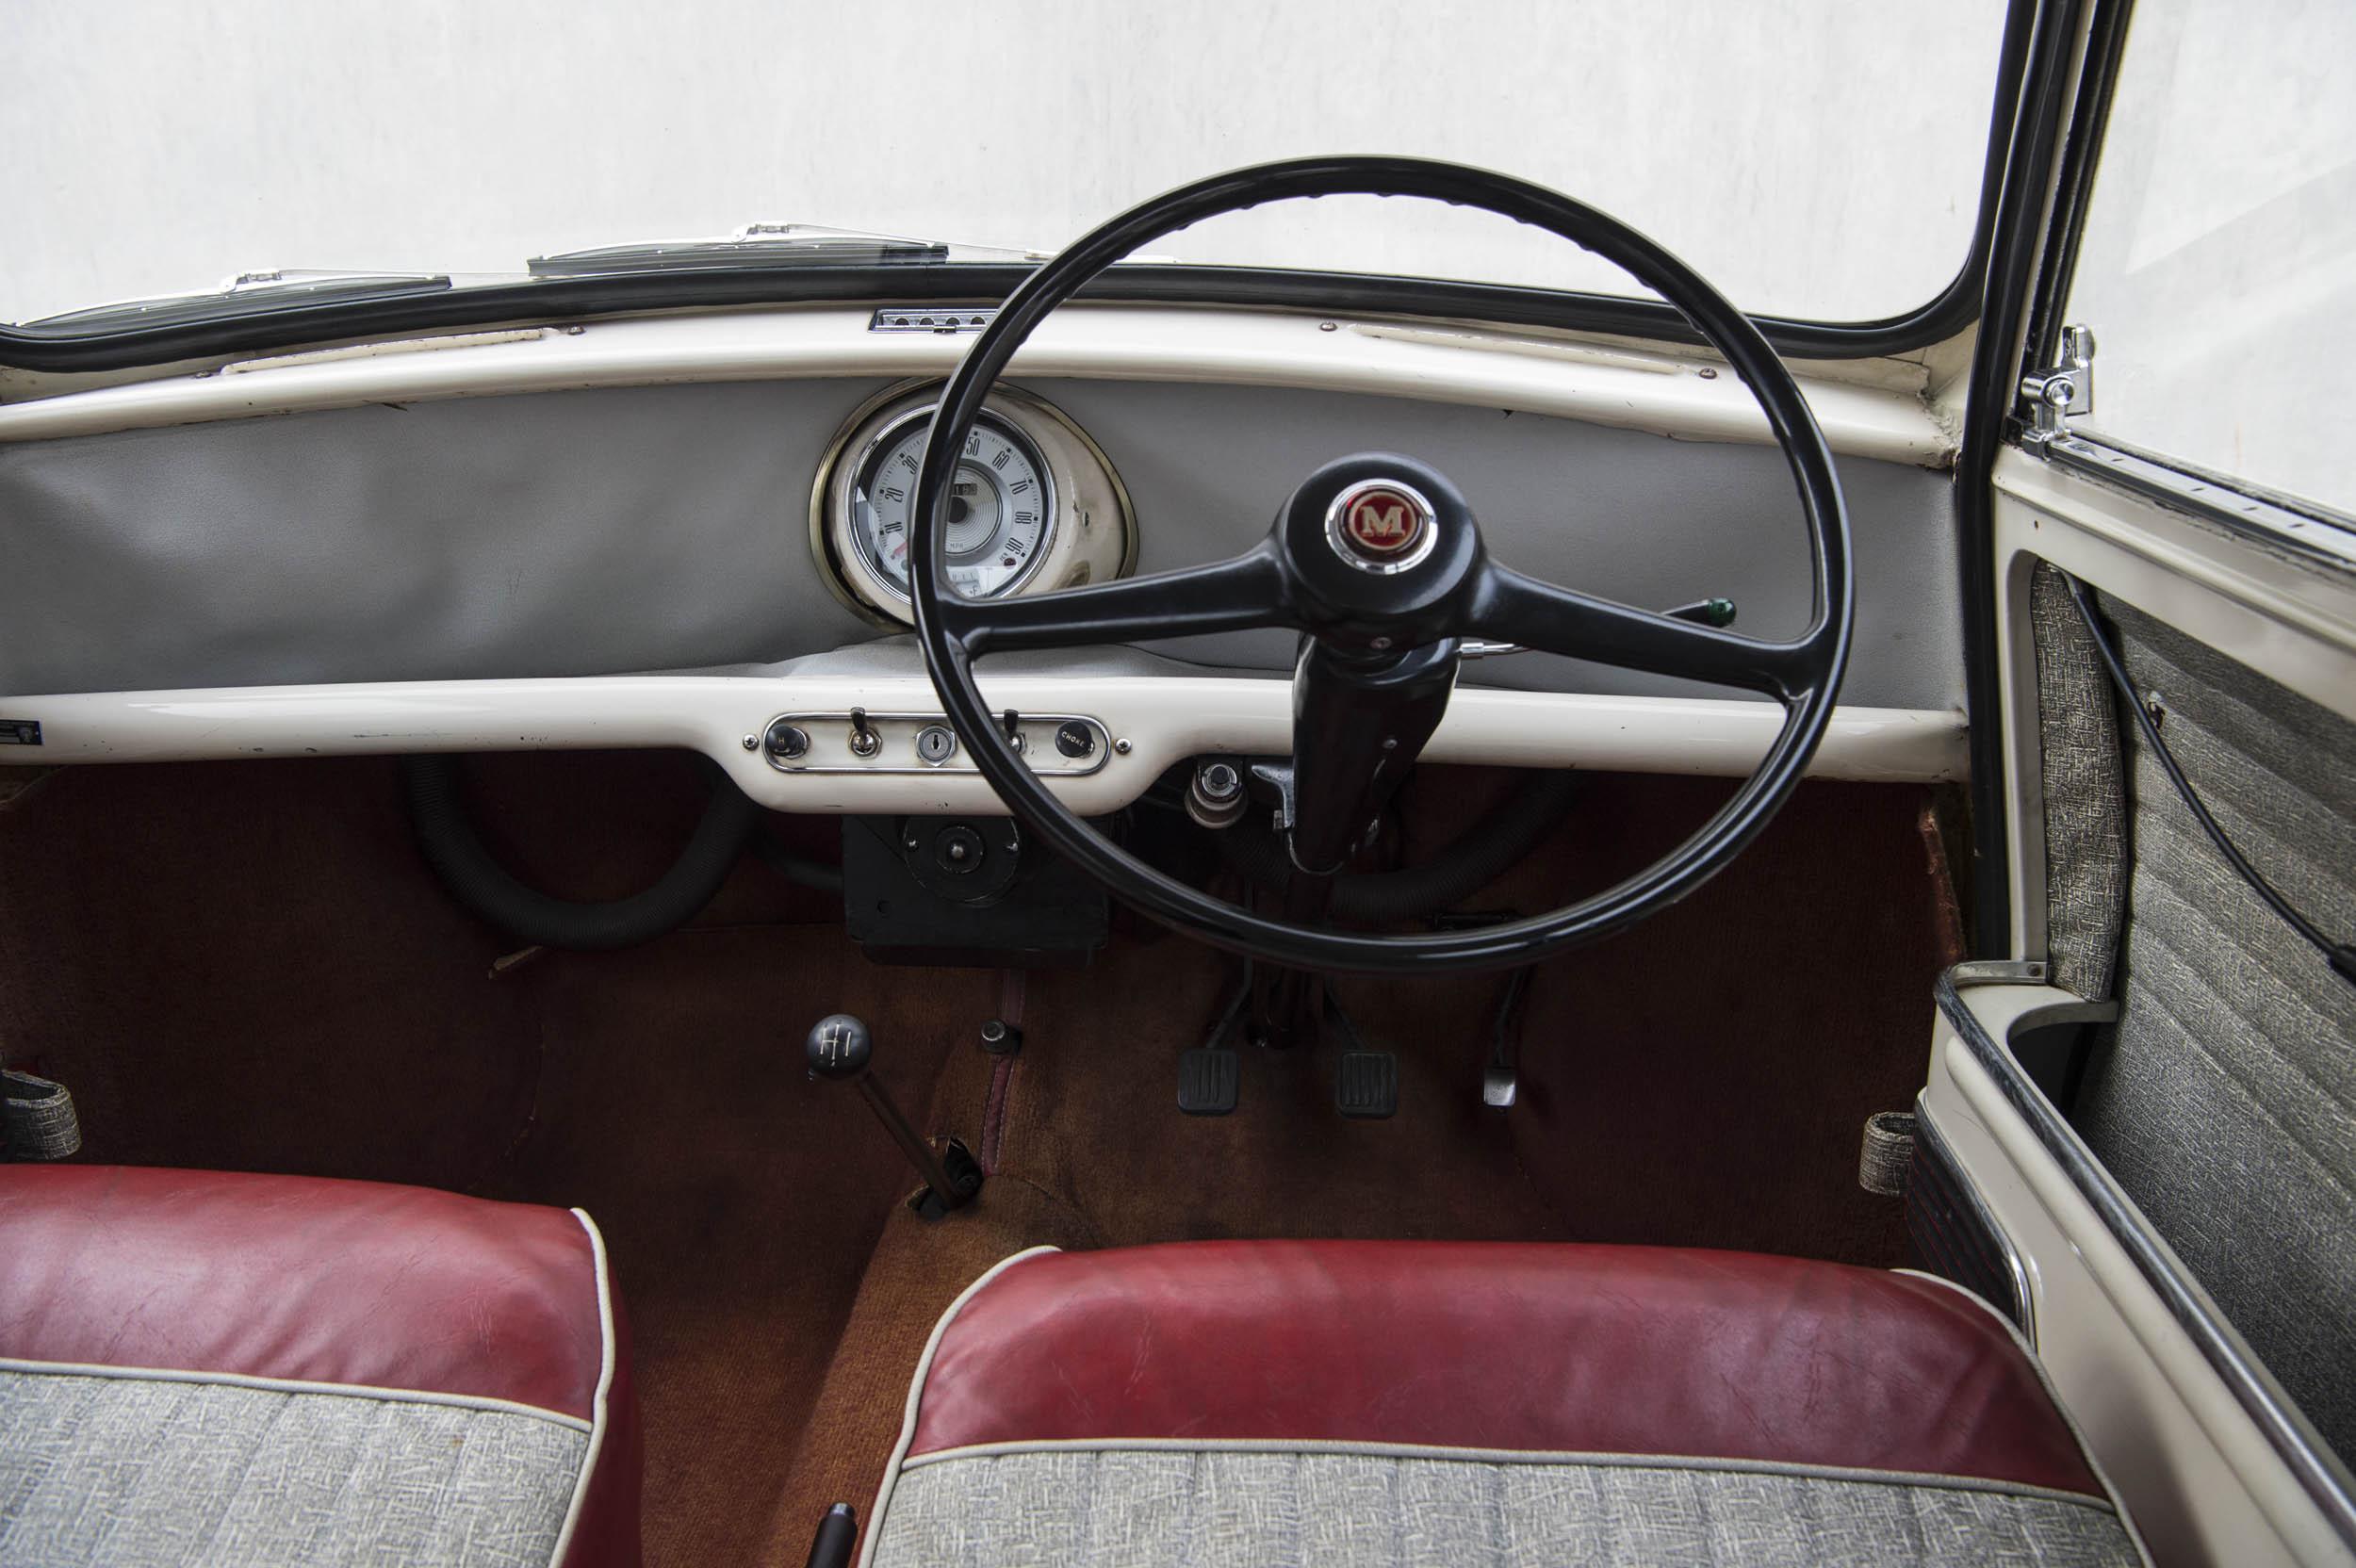 1959 Morris Mini-Minor interior